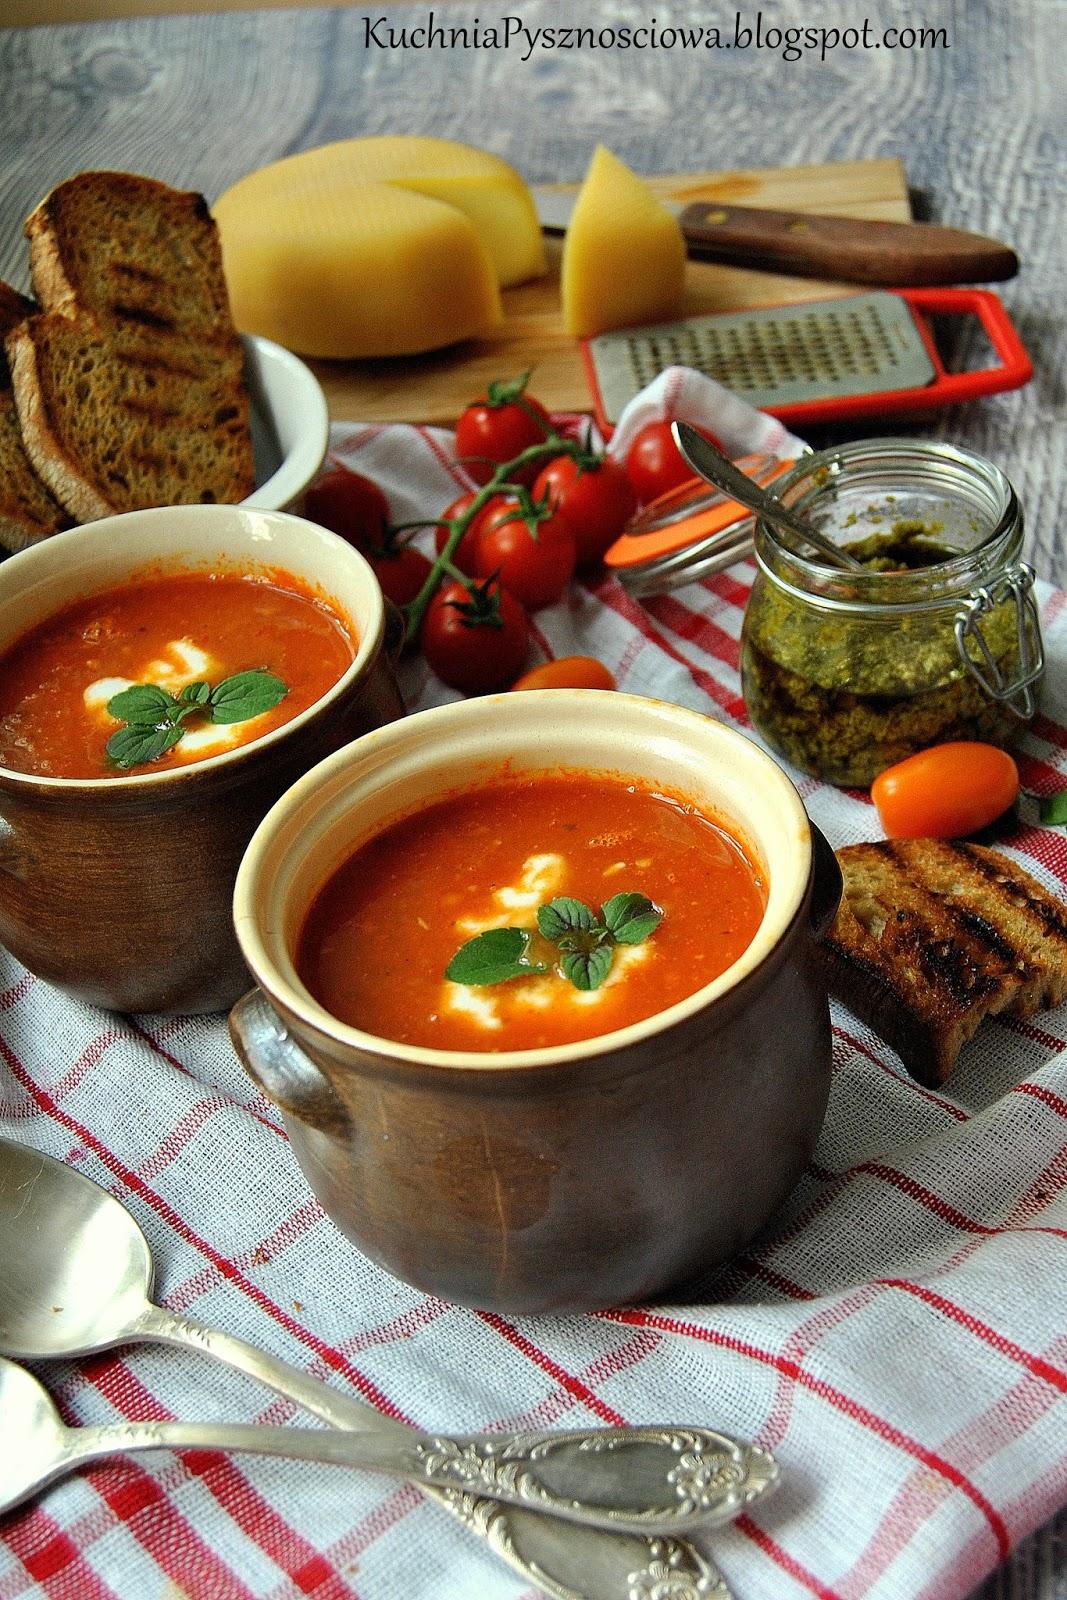 437. Zupa krem z pieczonych pomidorów